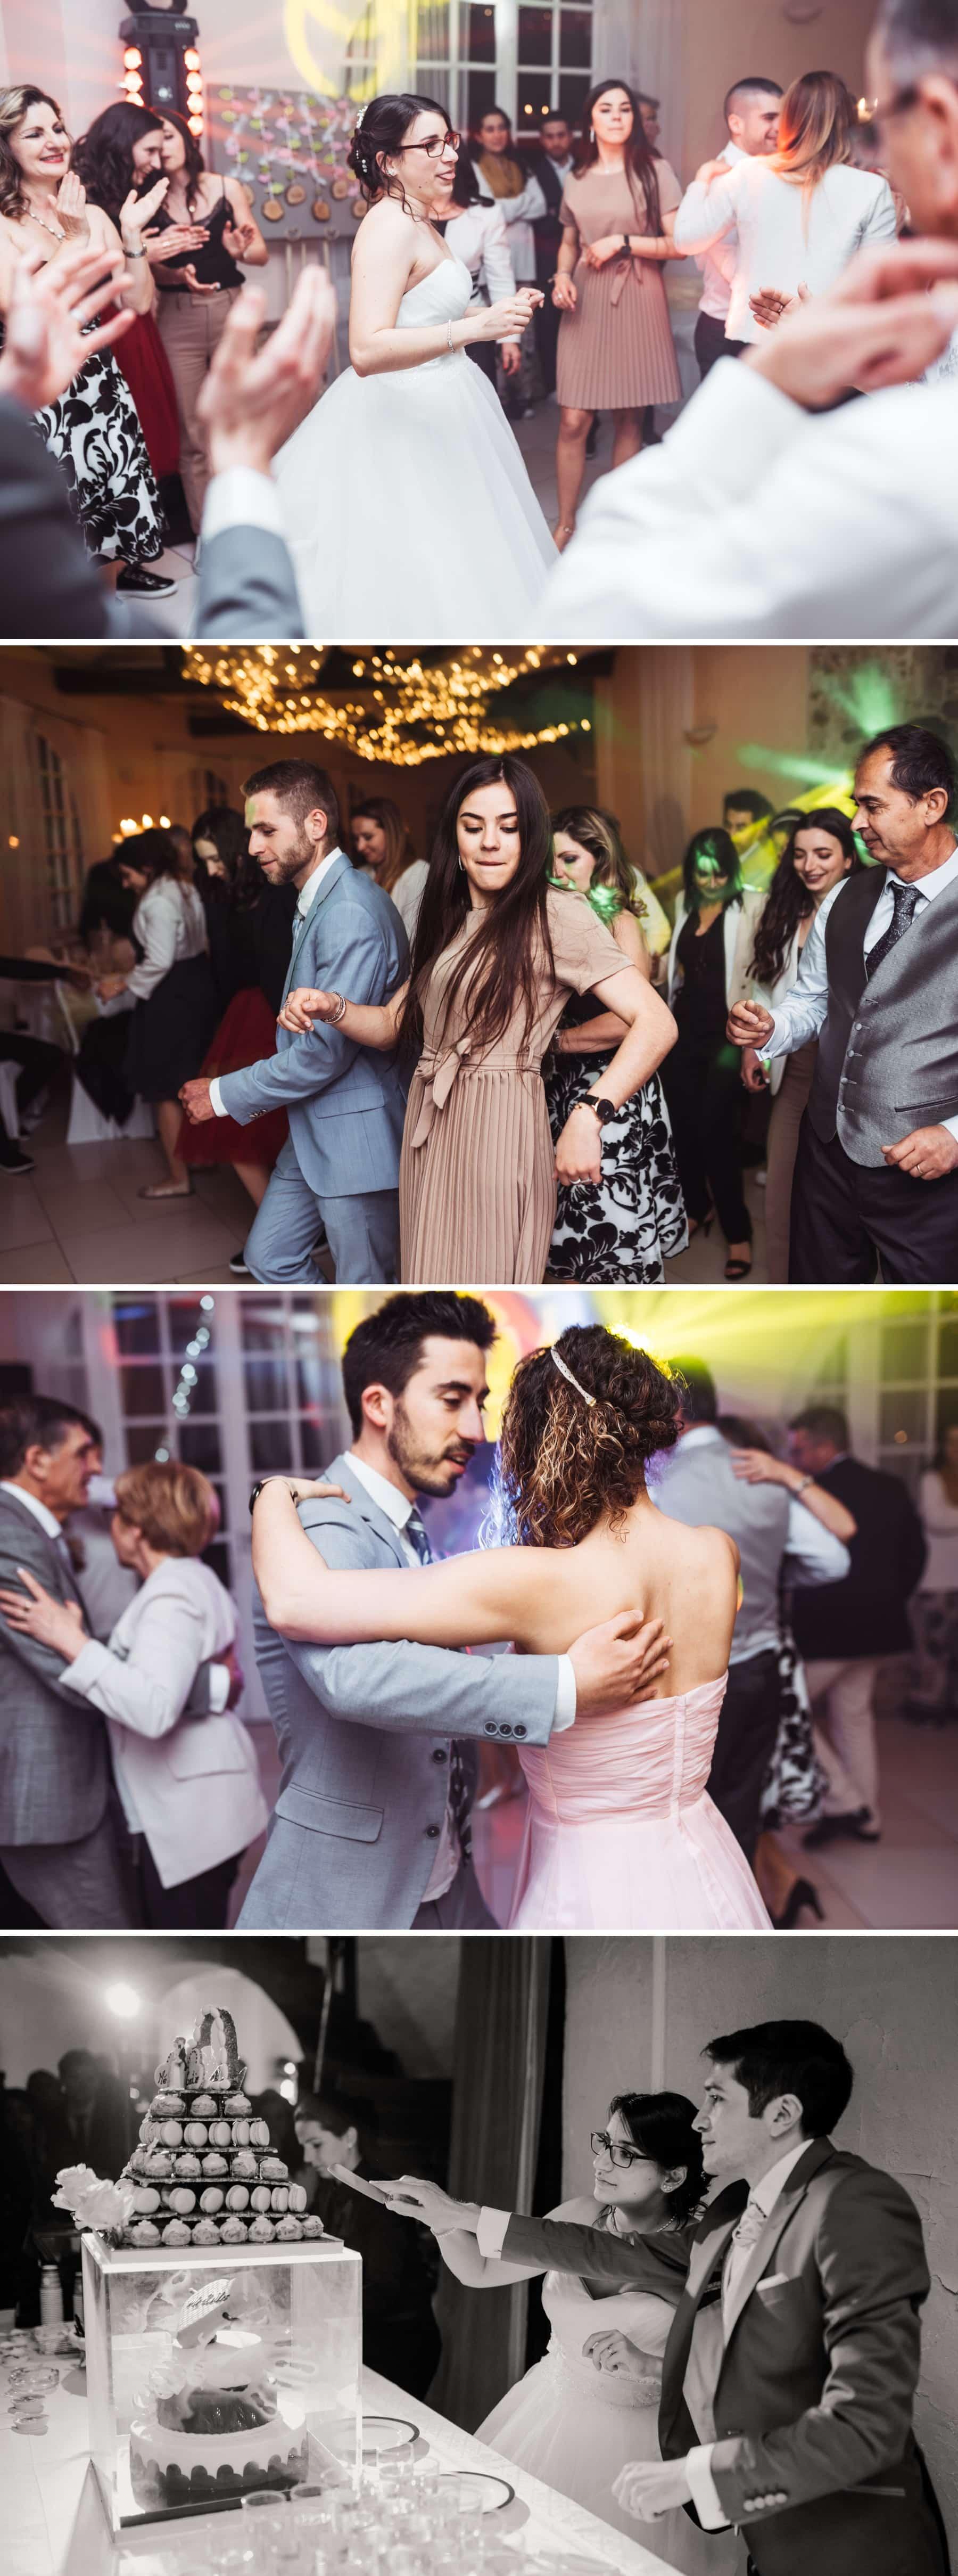 soirée dansante mariage 2019